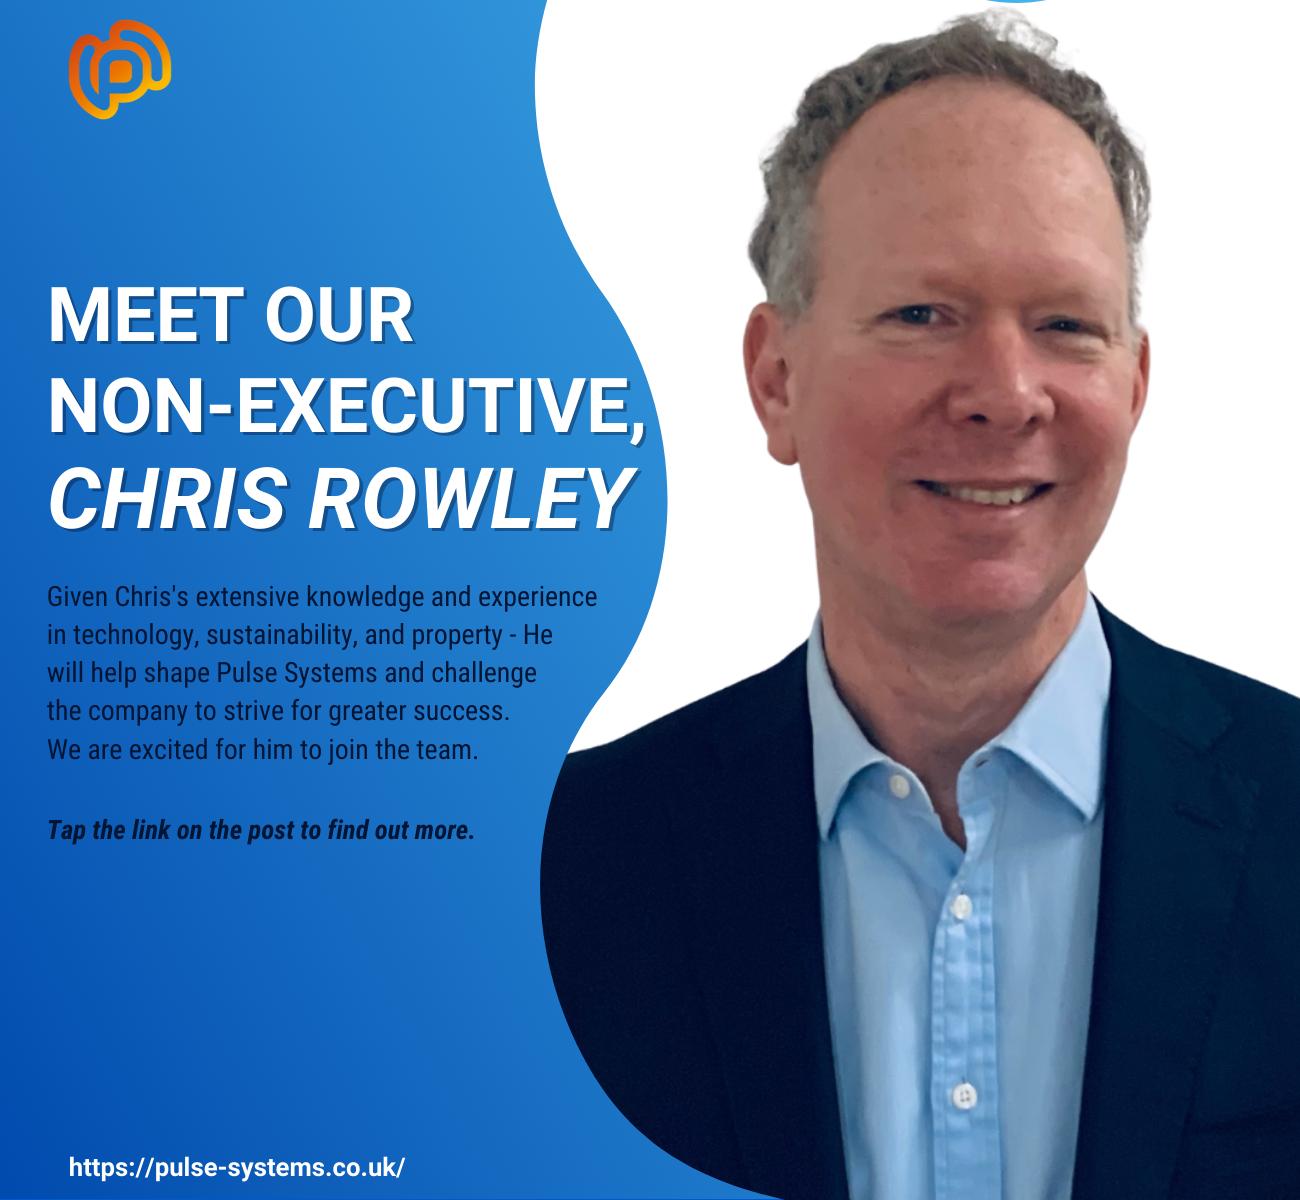 Chris Rowley joins Pulse as a non-executive director